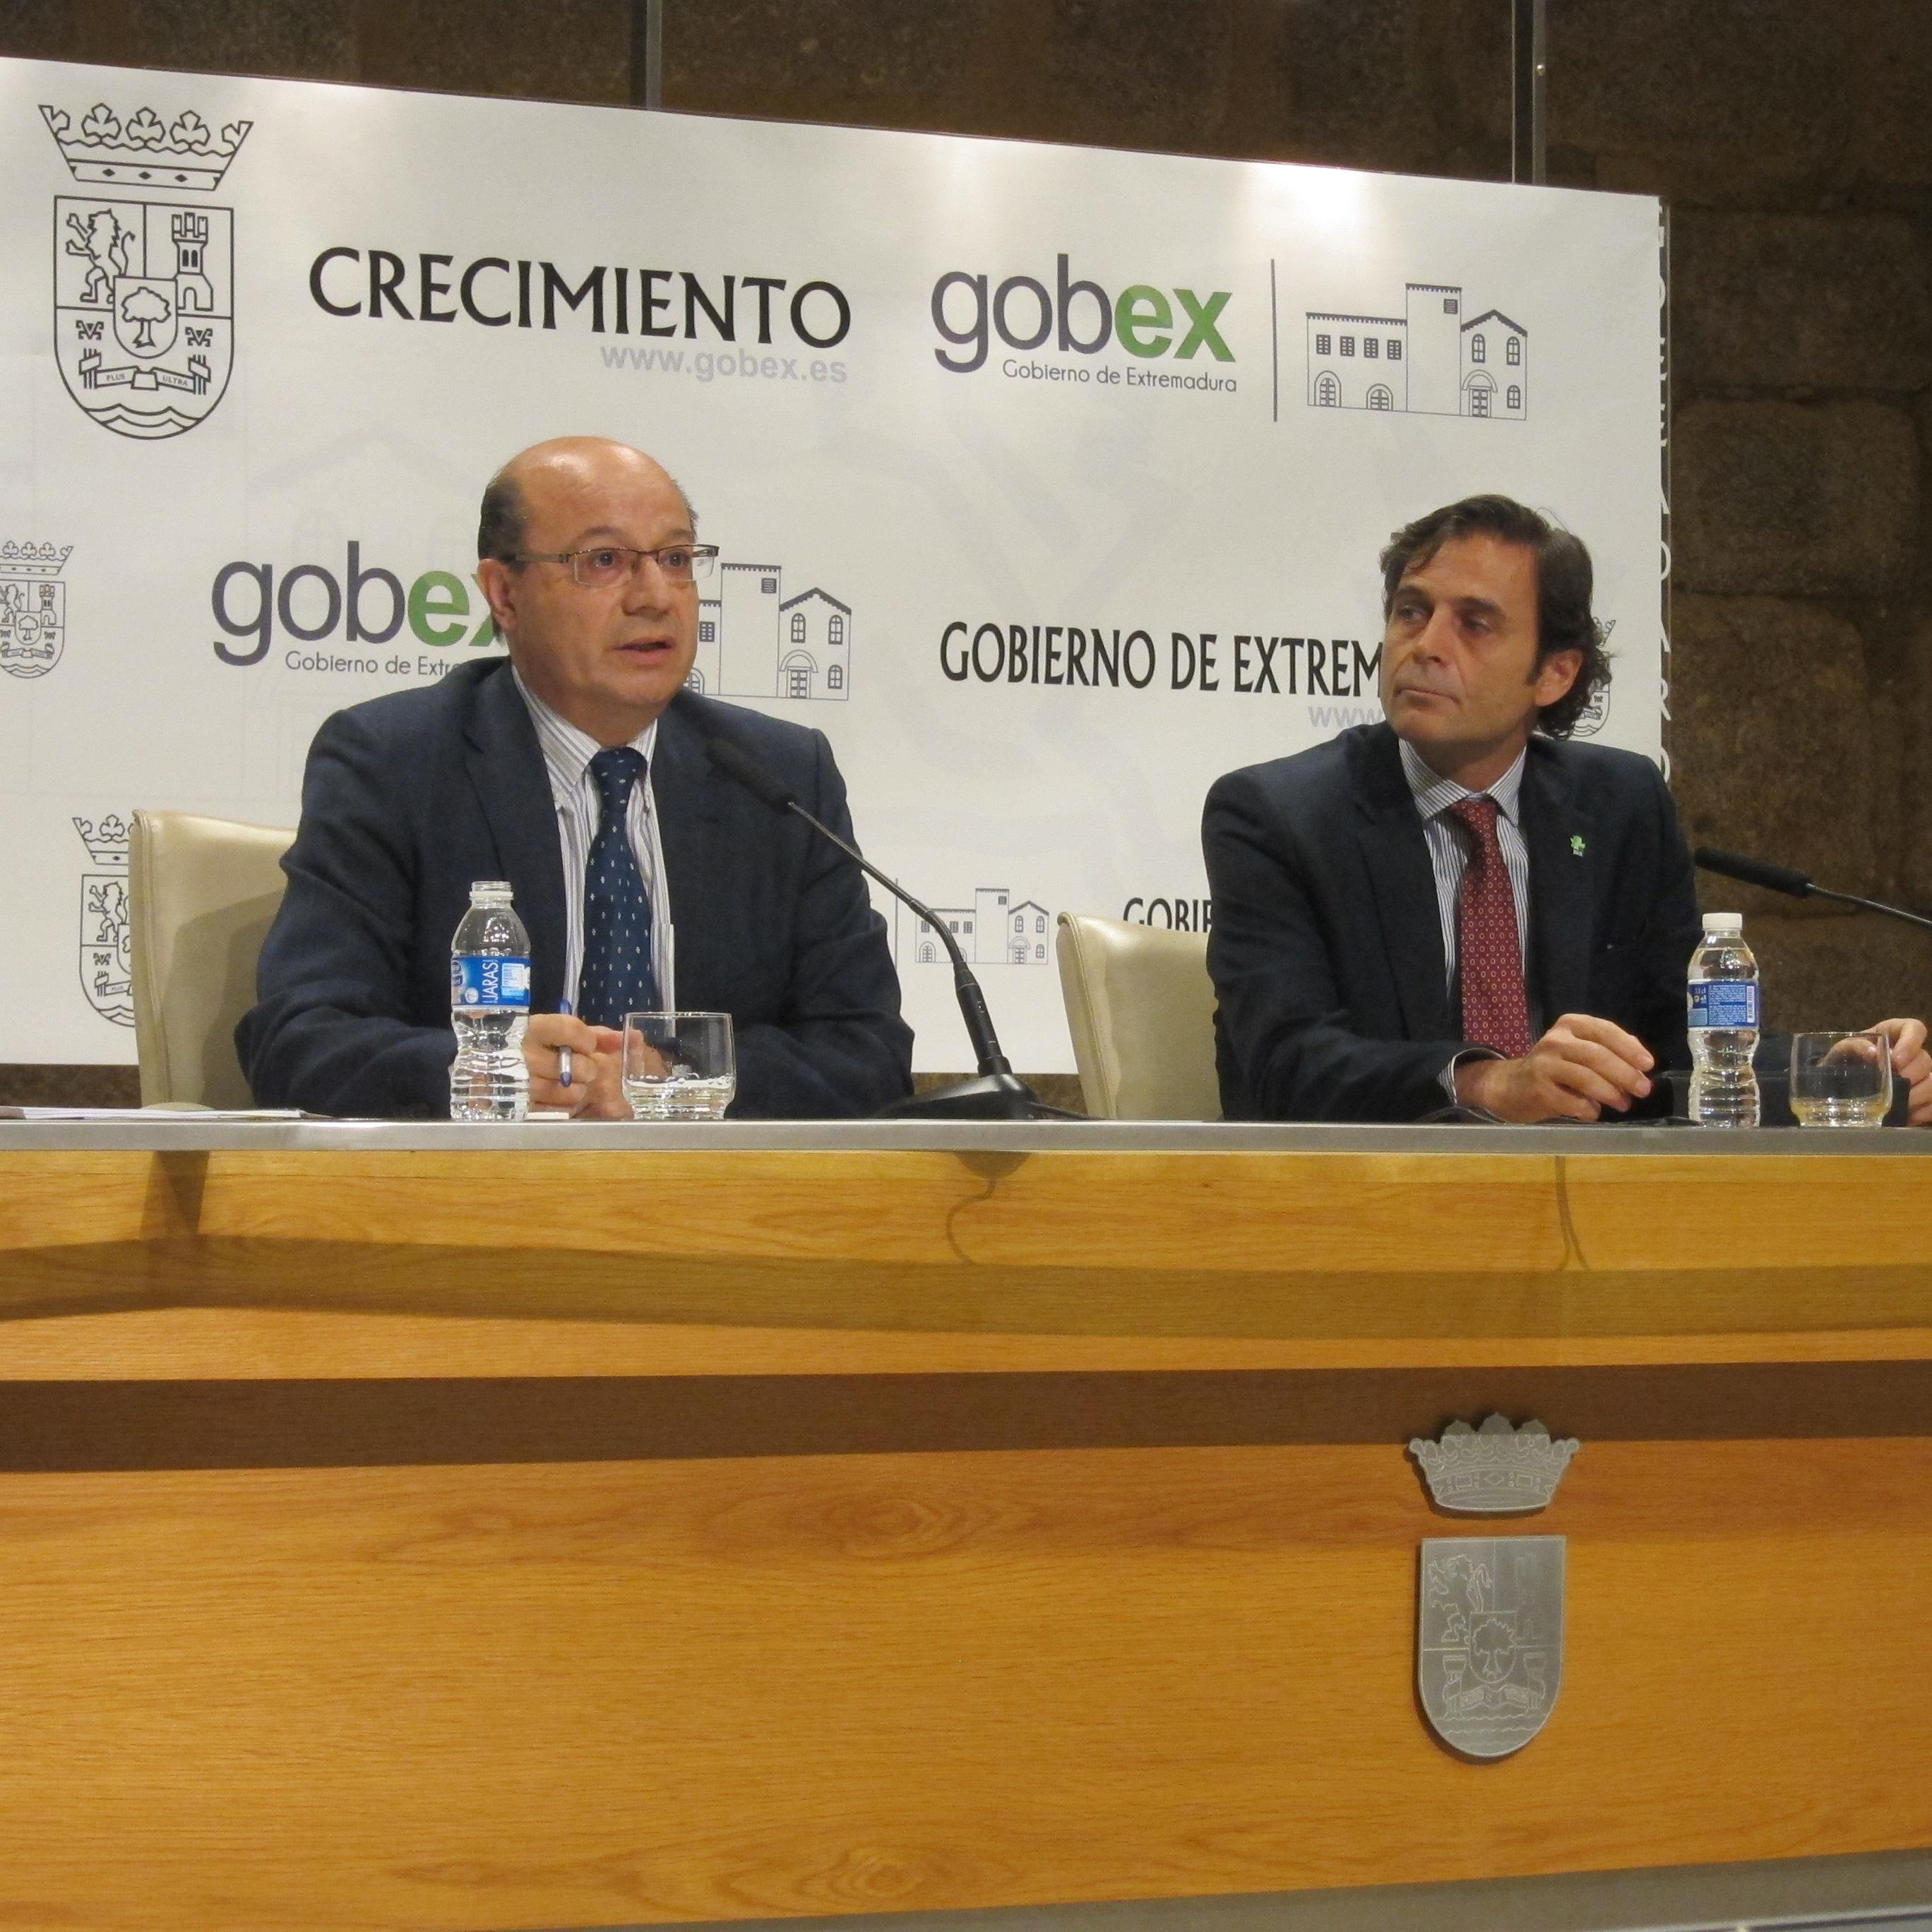 El SES prevé unos 5.000 nuevos casos de cáncer en Extremadura para 2015, de los que casi 700 serán de colon